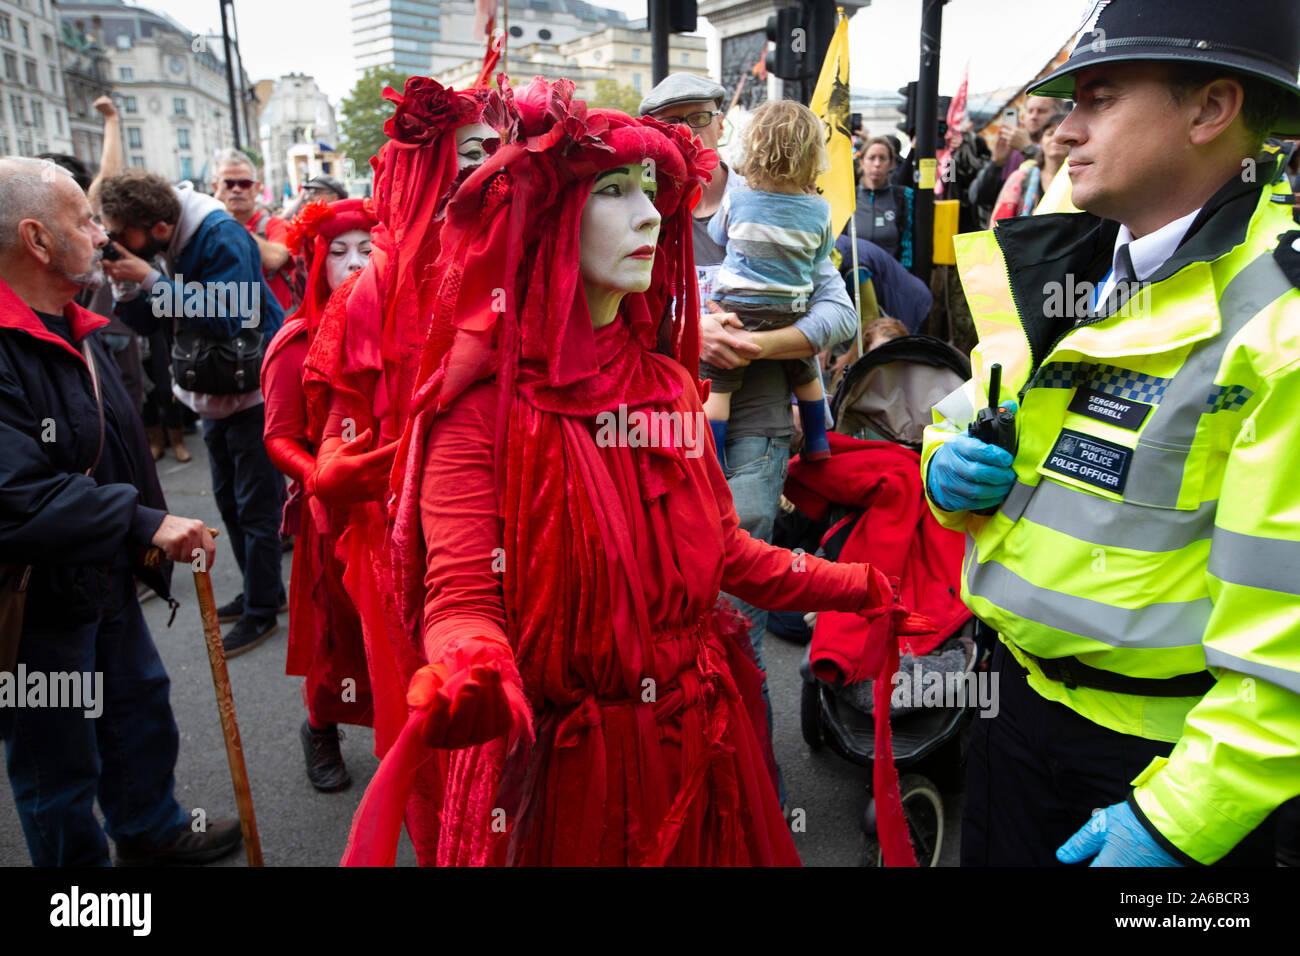 Londres, 10 de octubre de 2019, la extinción rebelión grupo en trajes rojos de policía rodean preparando la detención acivists que han encadenado a una estructura de madera en la carretera junto a Trafalgar Square. Foto de stock